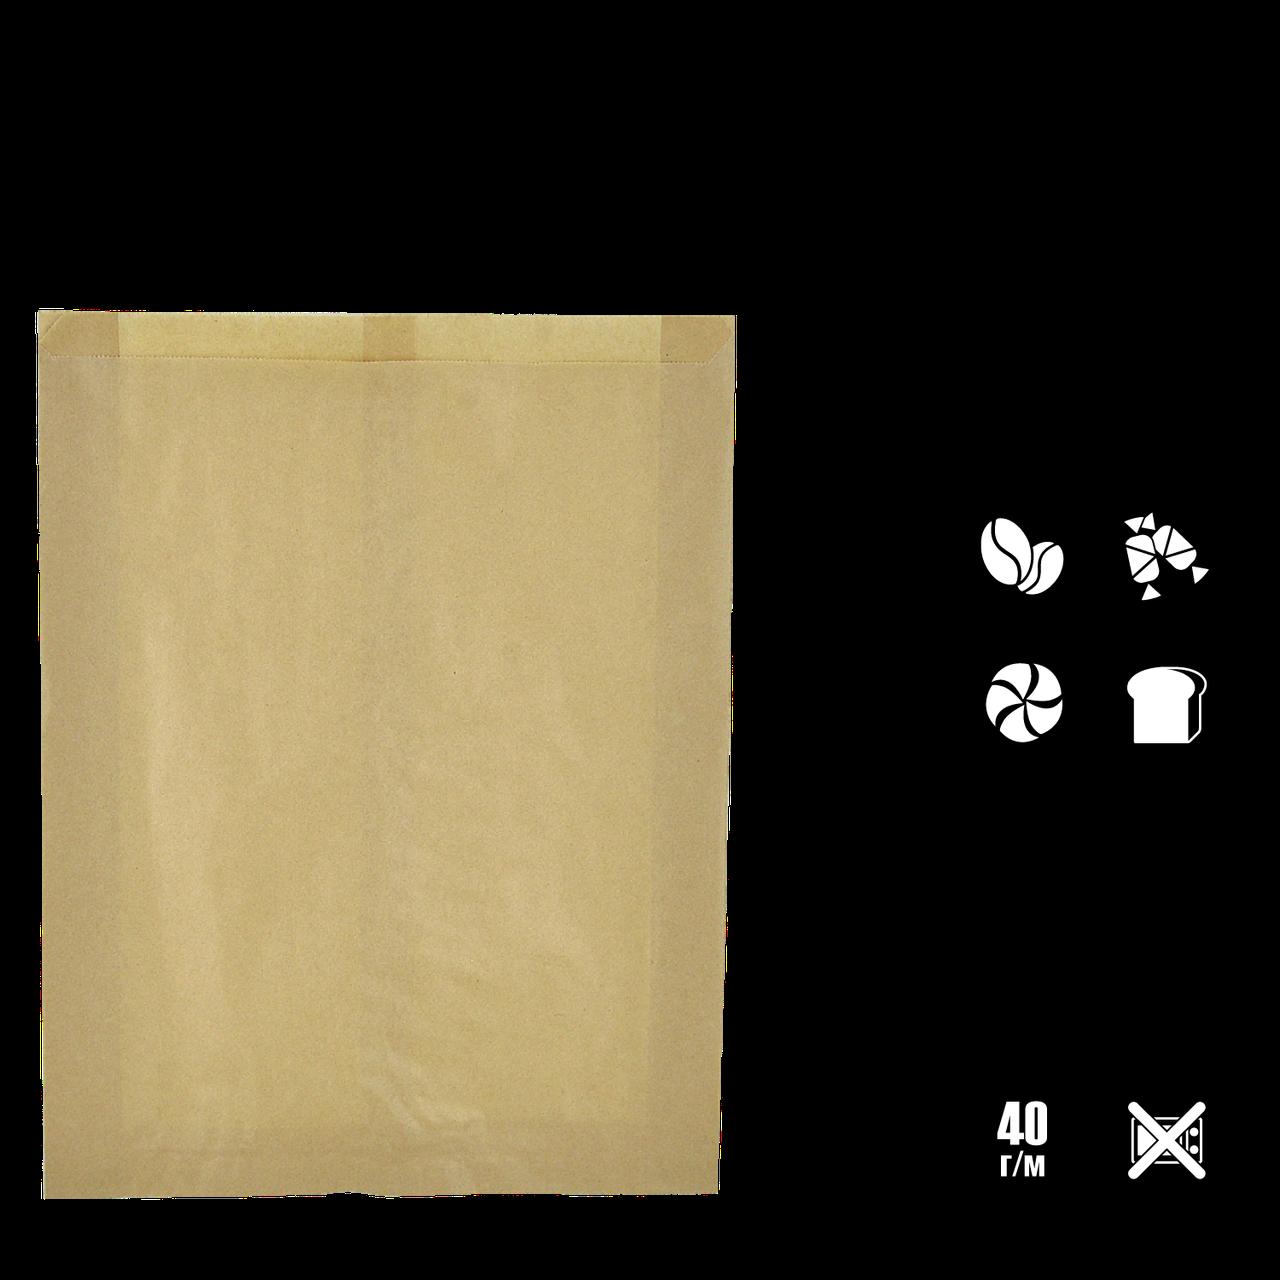 Бумажный Пакет Крафт 250х200х50мм (ВхШхГ) 40г/м² 100шт (271)